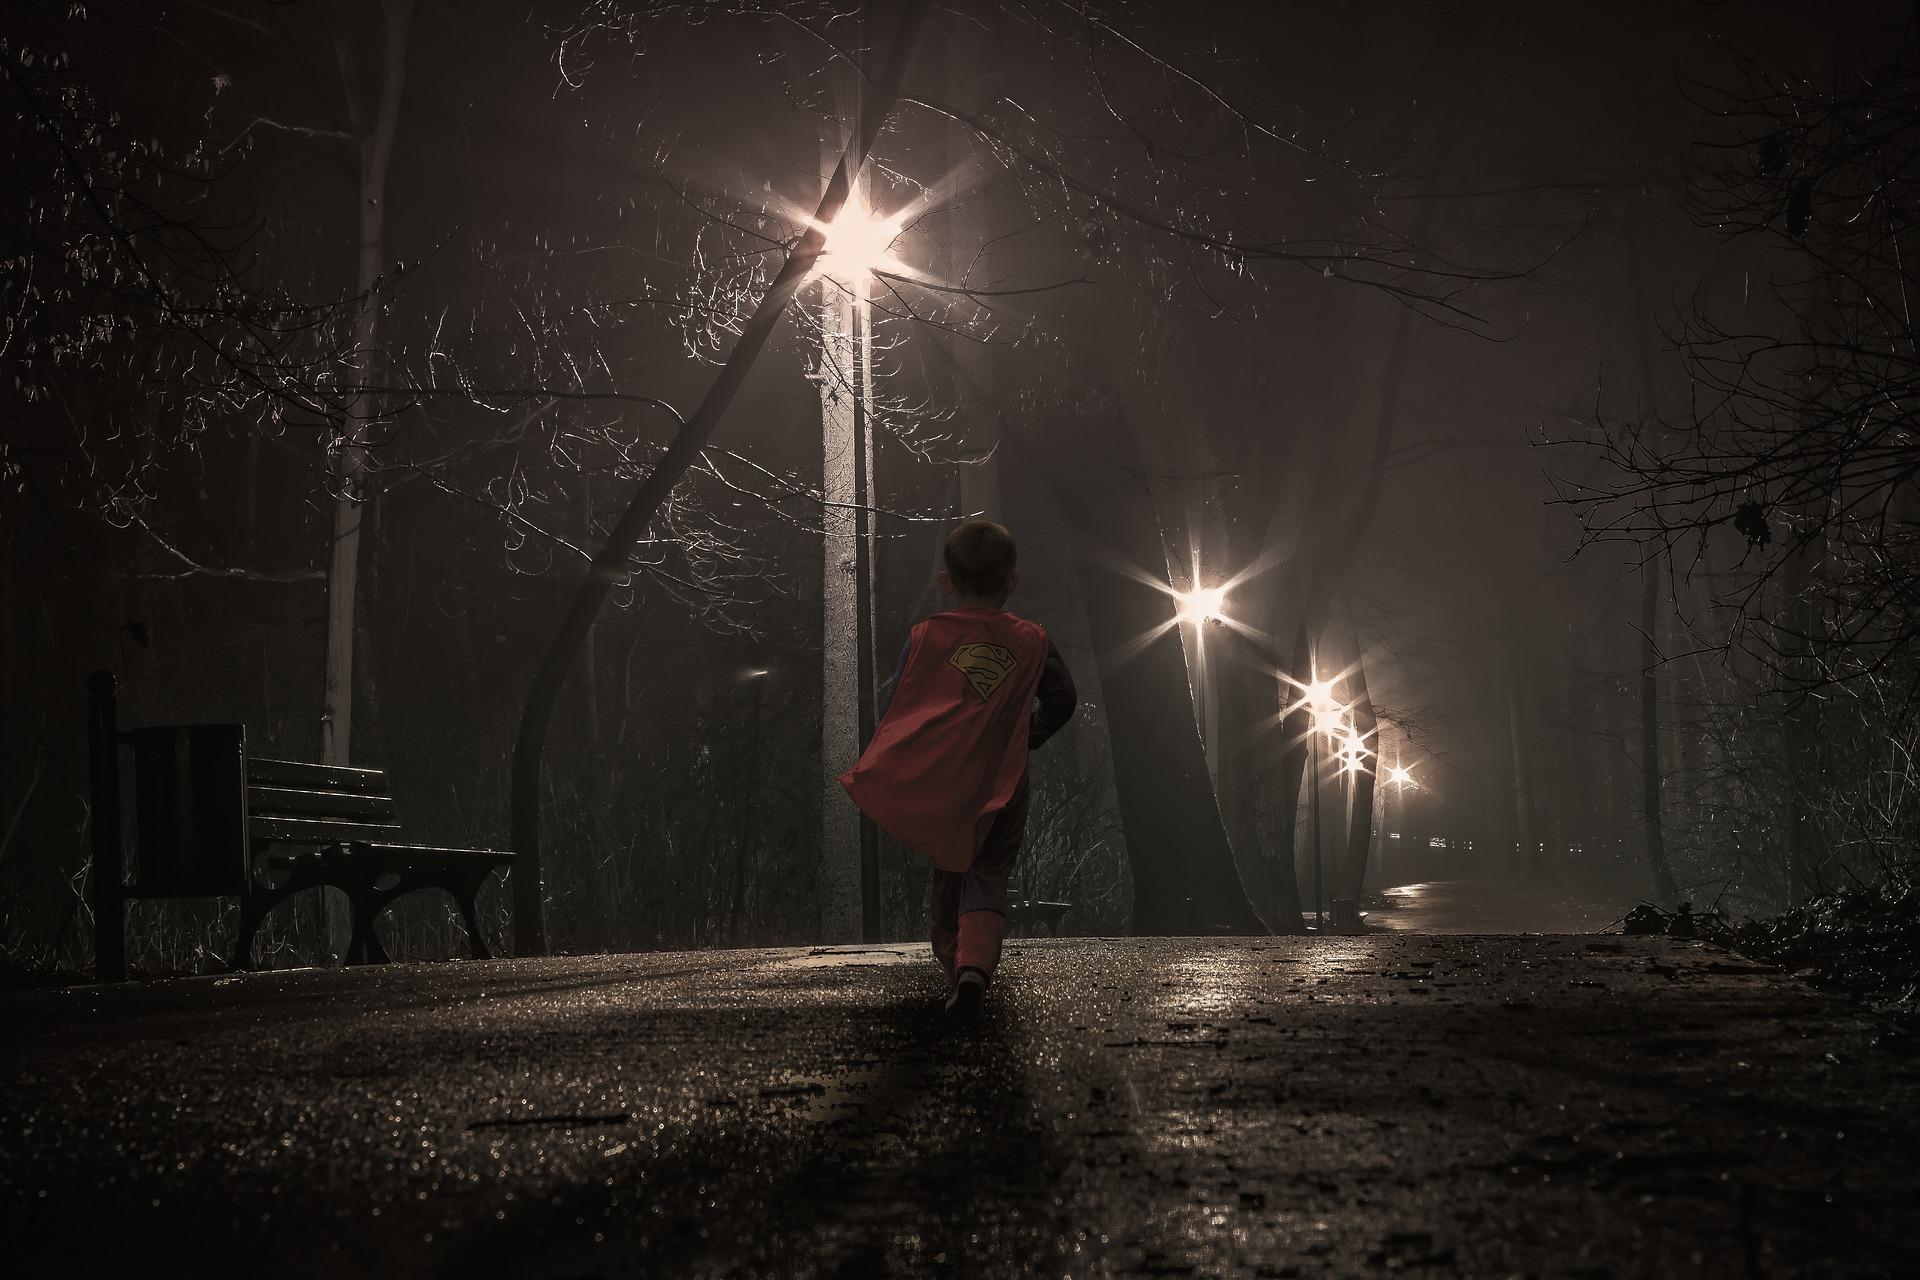 В пригороде Кирова до 20 ноября установят освещение